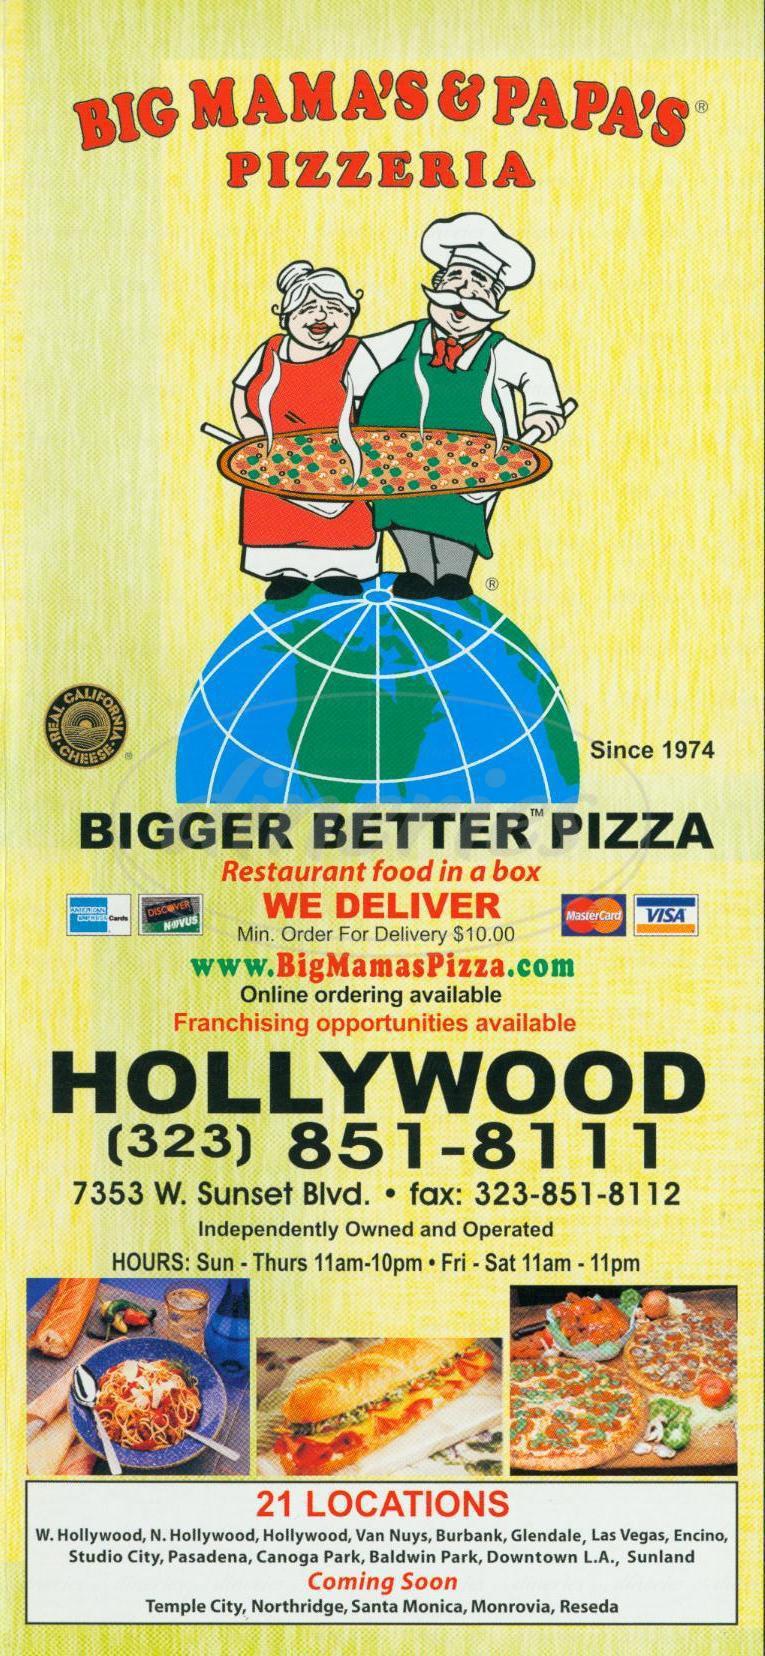 menu for Big Mamas & Papas Pizzeria